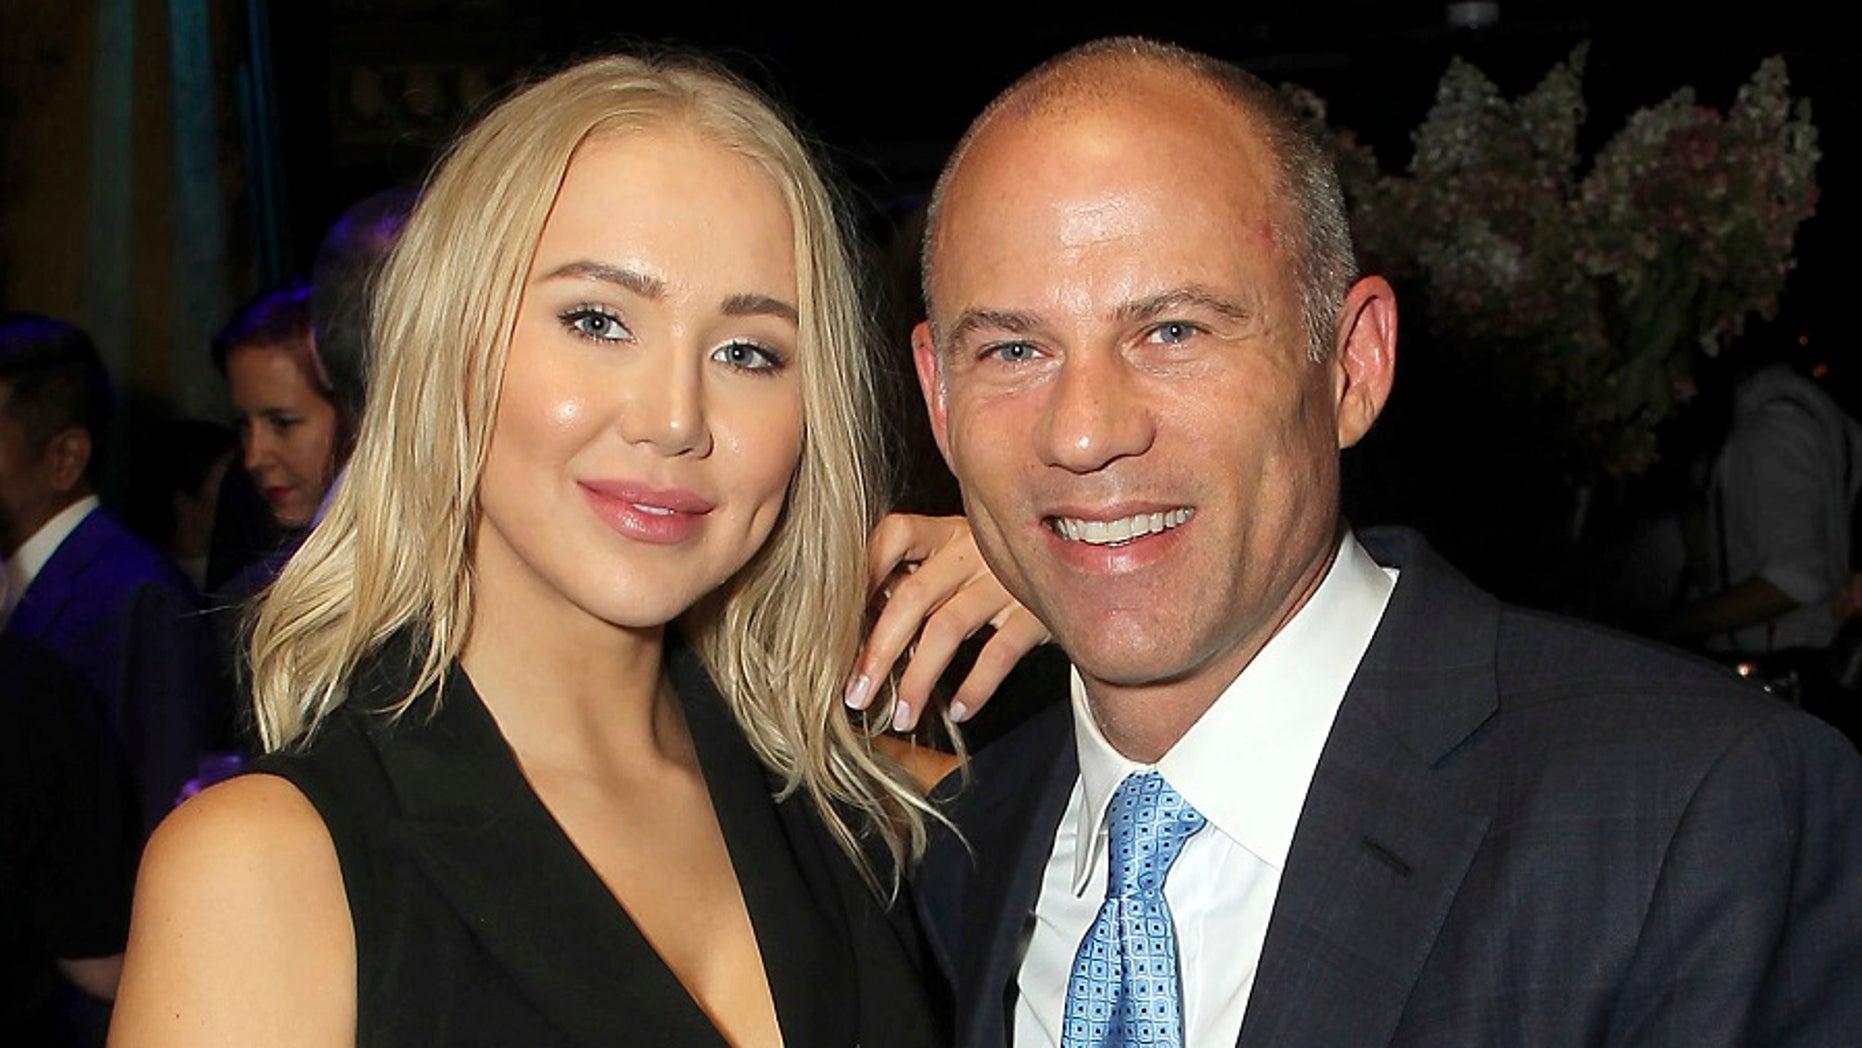 Attorney Michael Avenatti, right, poses with Mareli Miniutti for a photo at a party in New York.